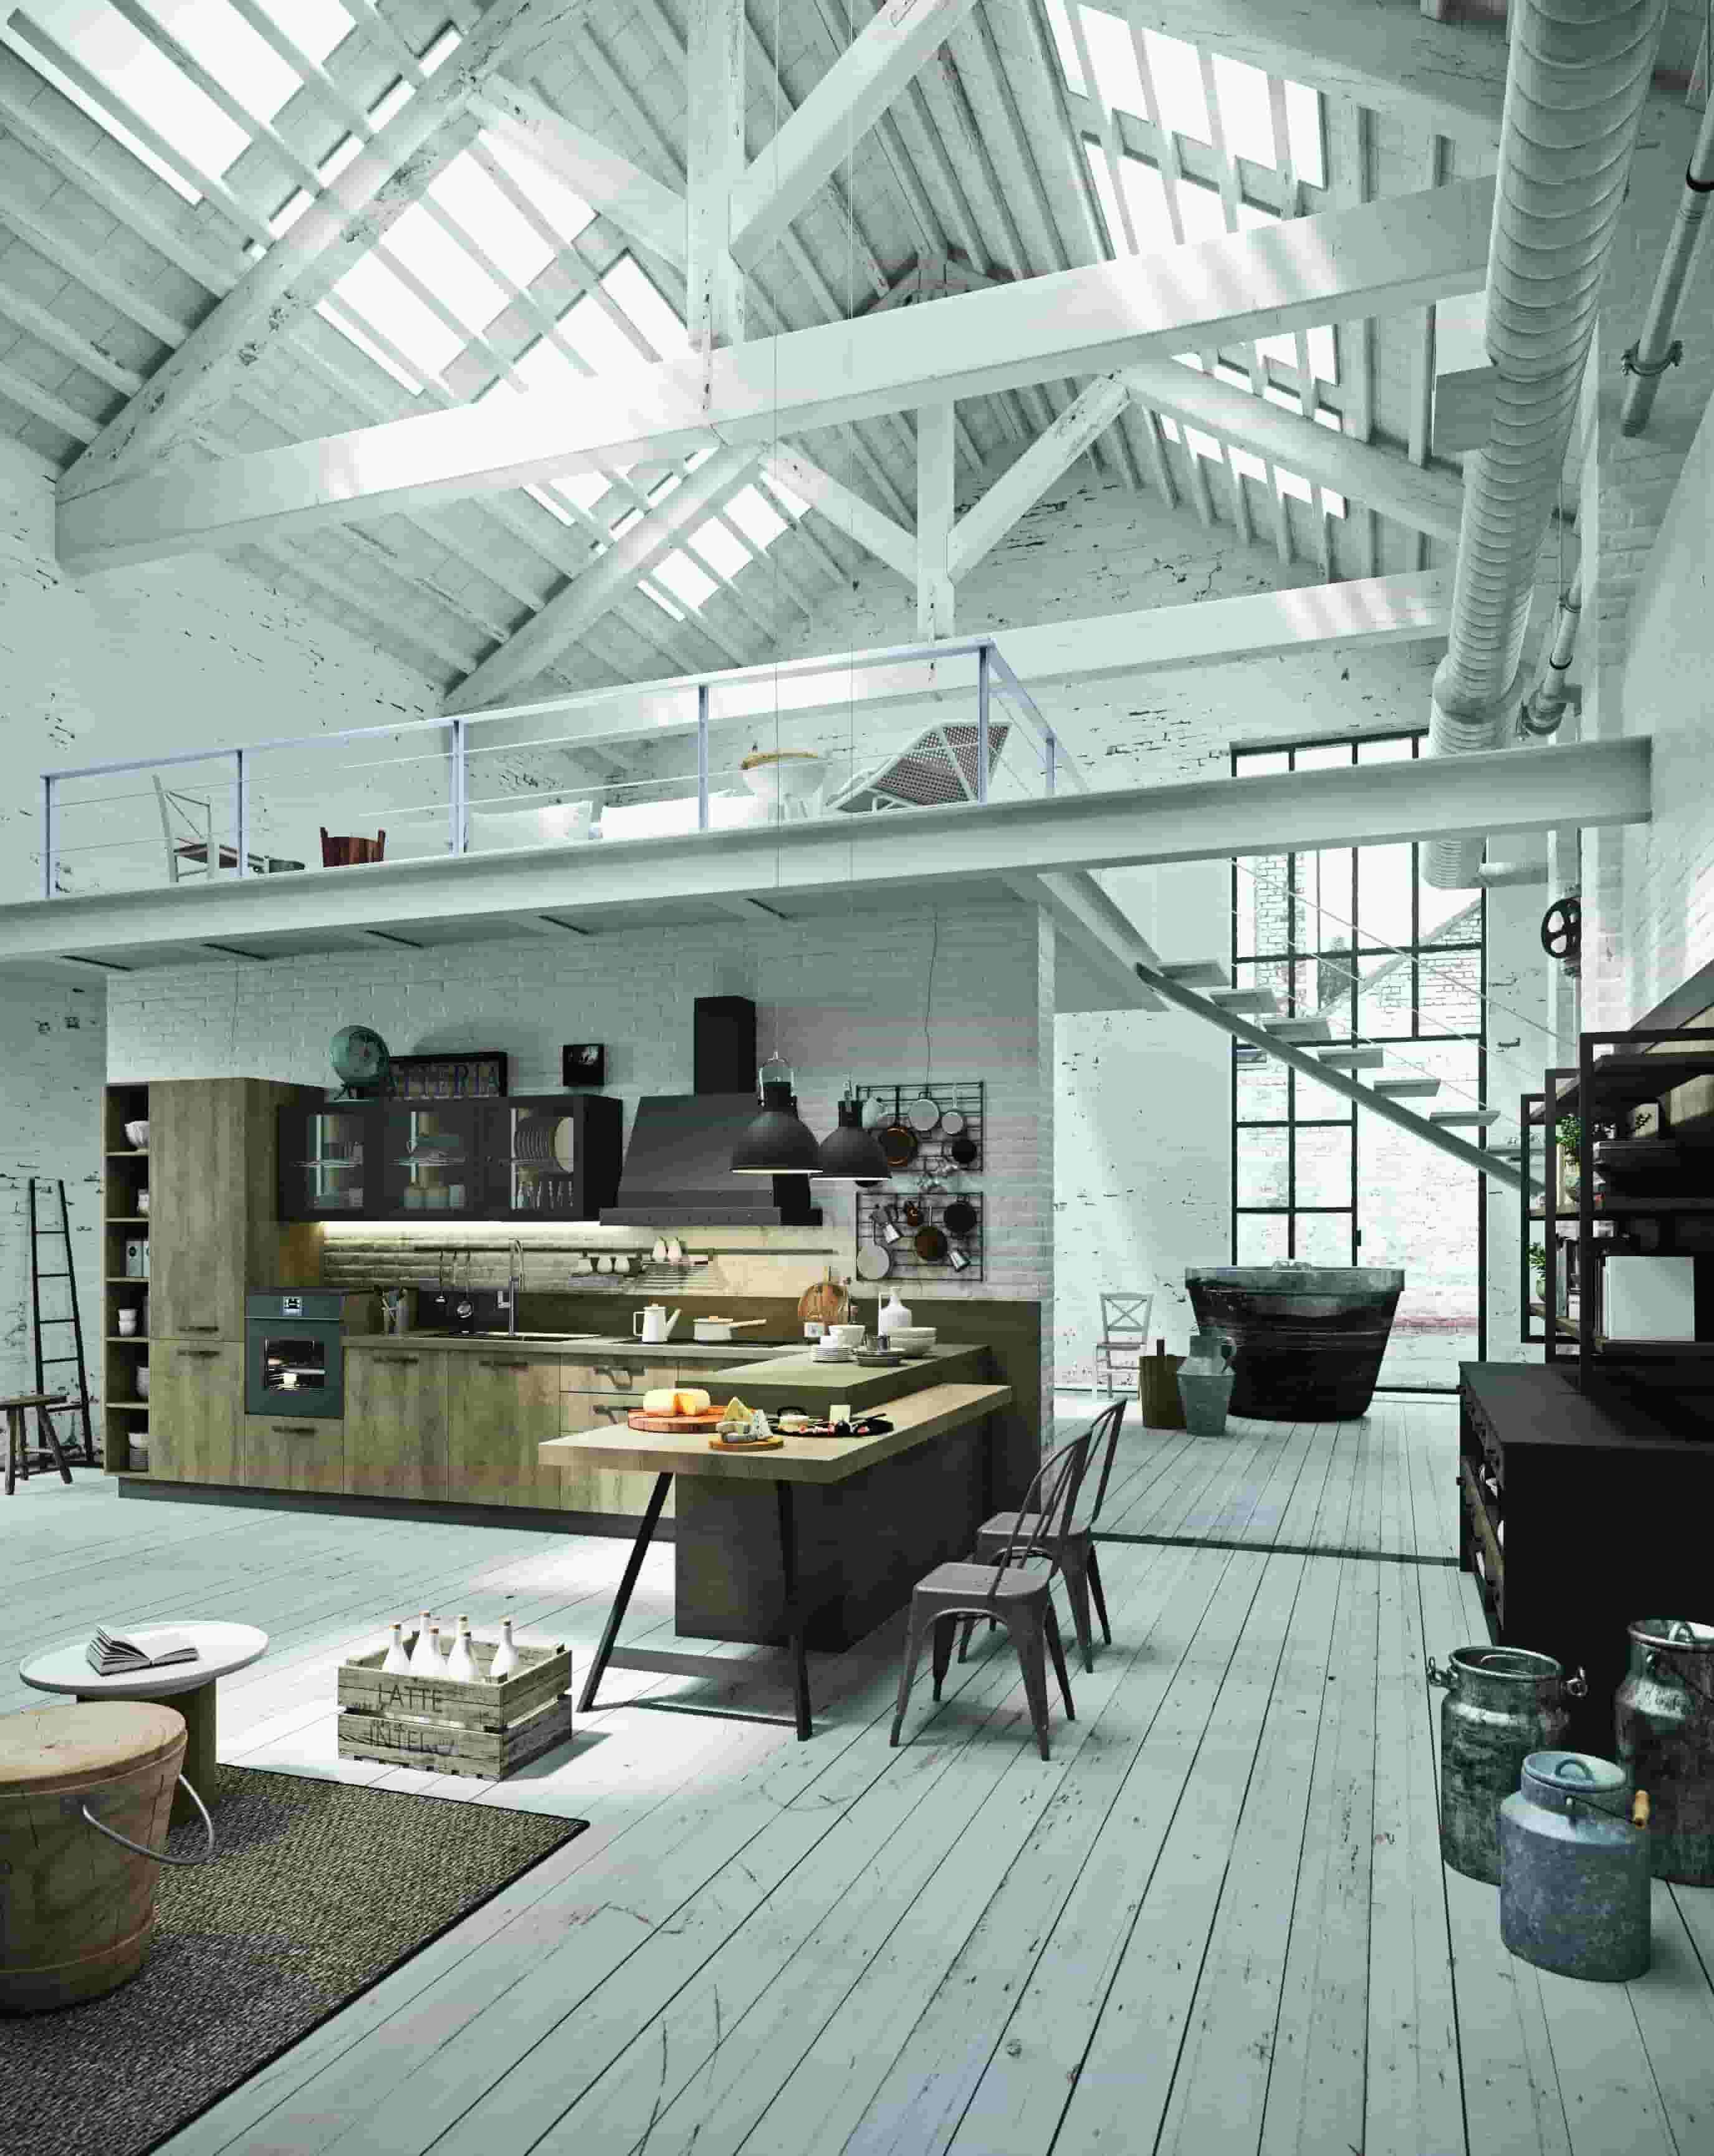 Lab Cucine Torino I Innovativo Negozio Di Cucine In Canavese